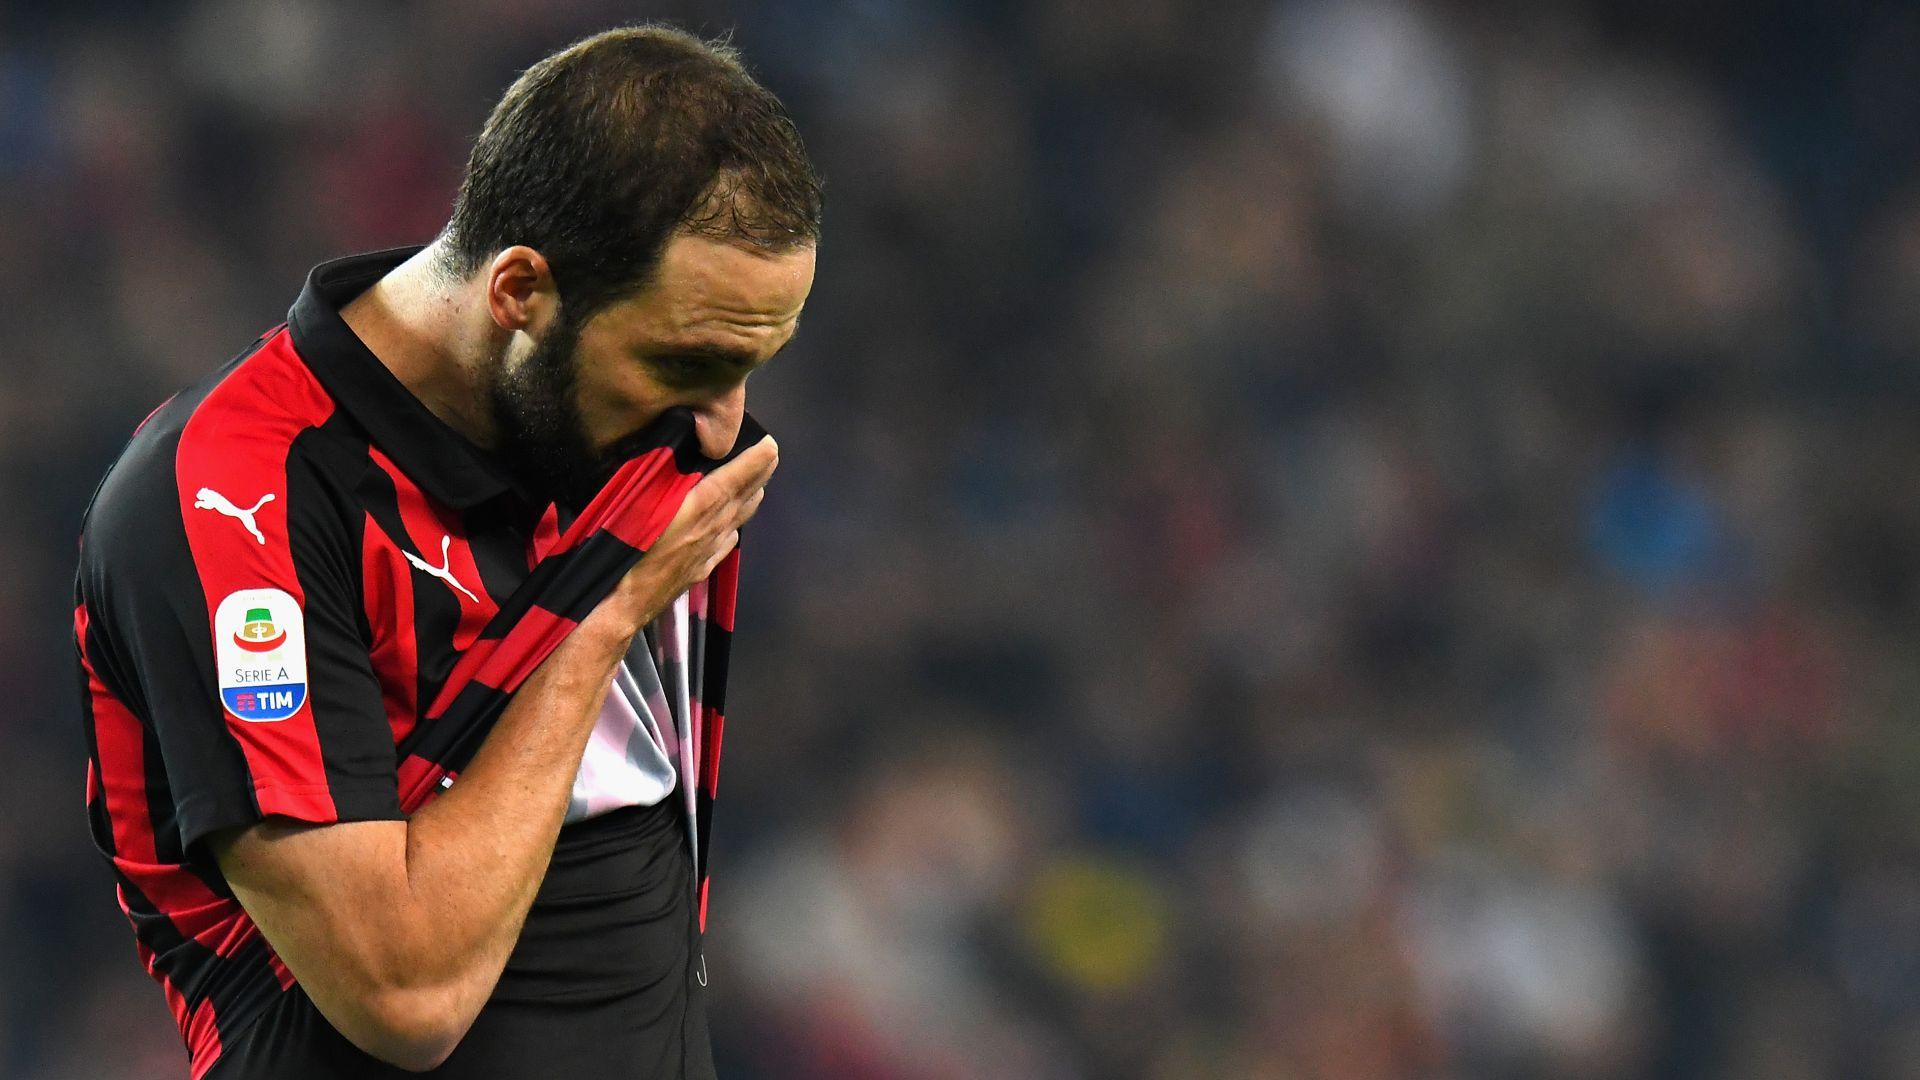 MILAN-JUVE, espulso Higuain! Il 'Pipita' salterà la Lazio dopo la sosta